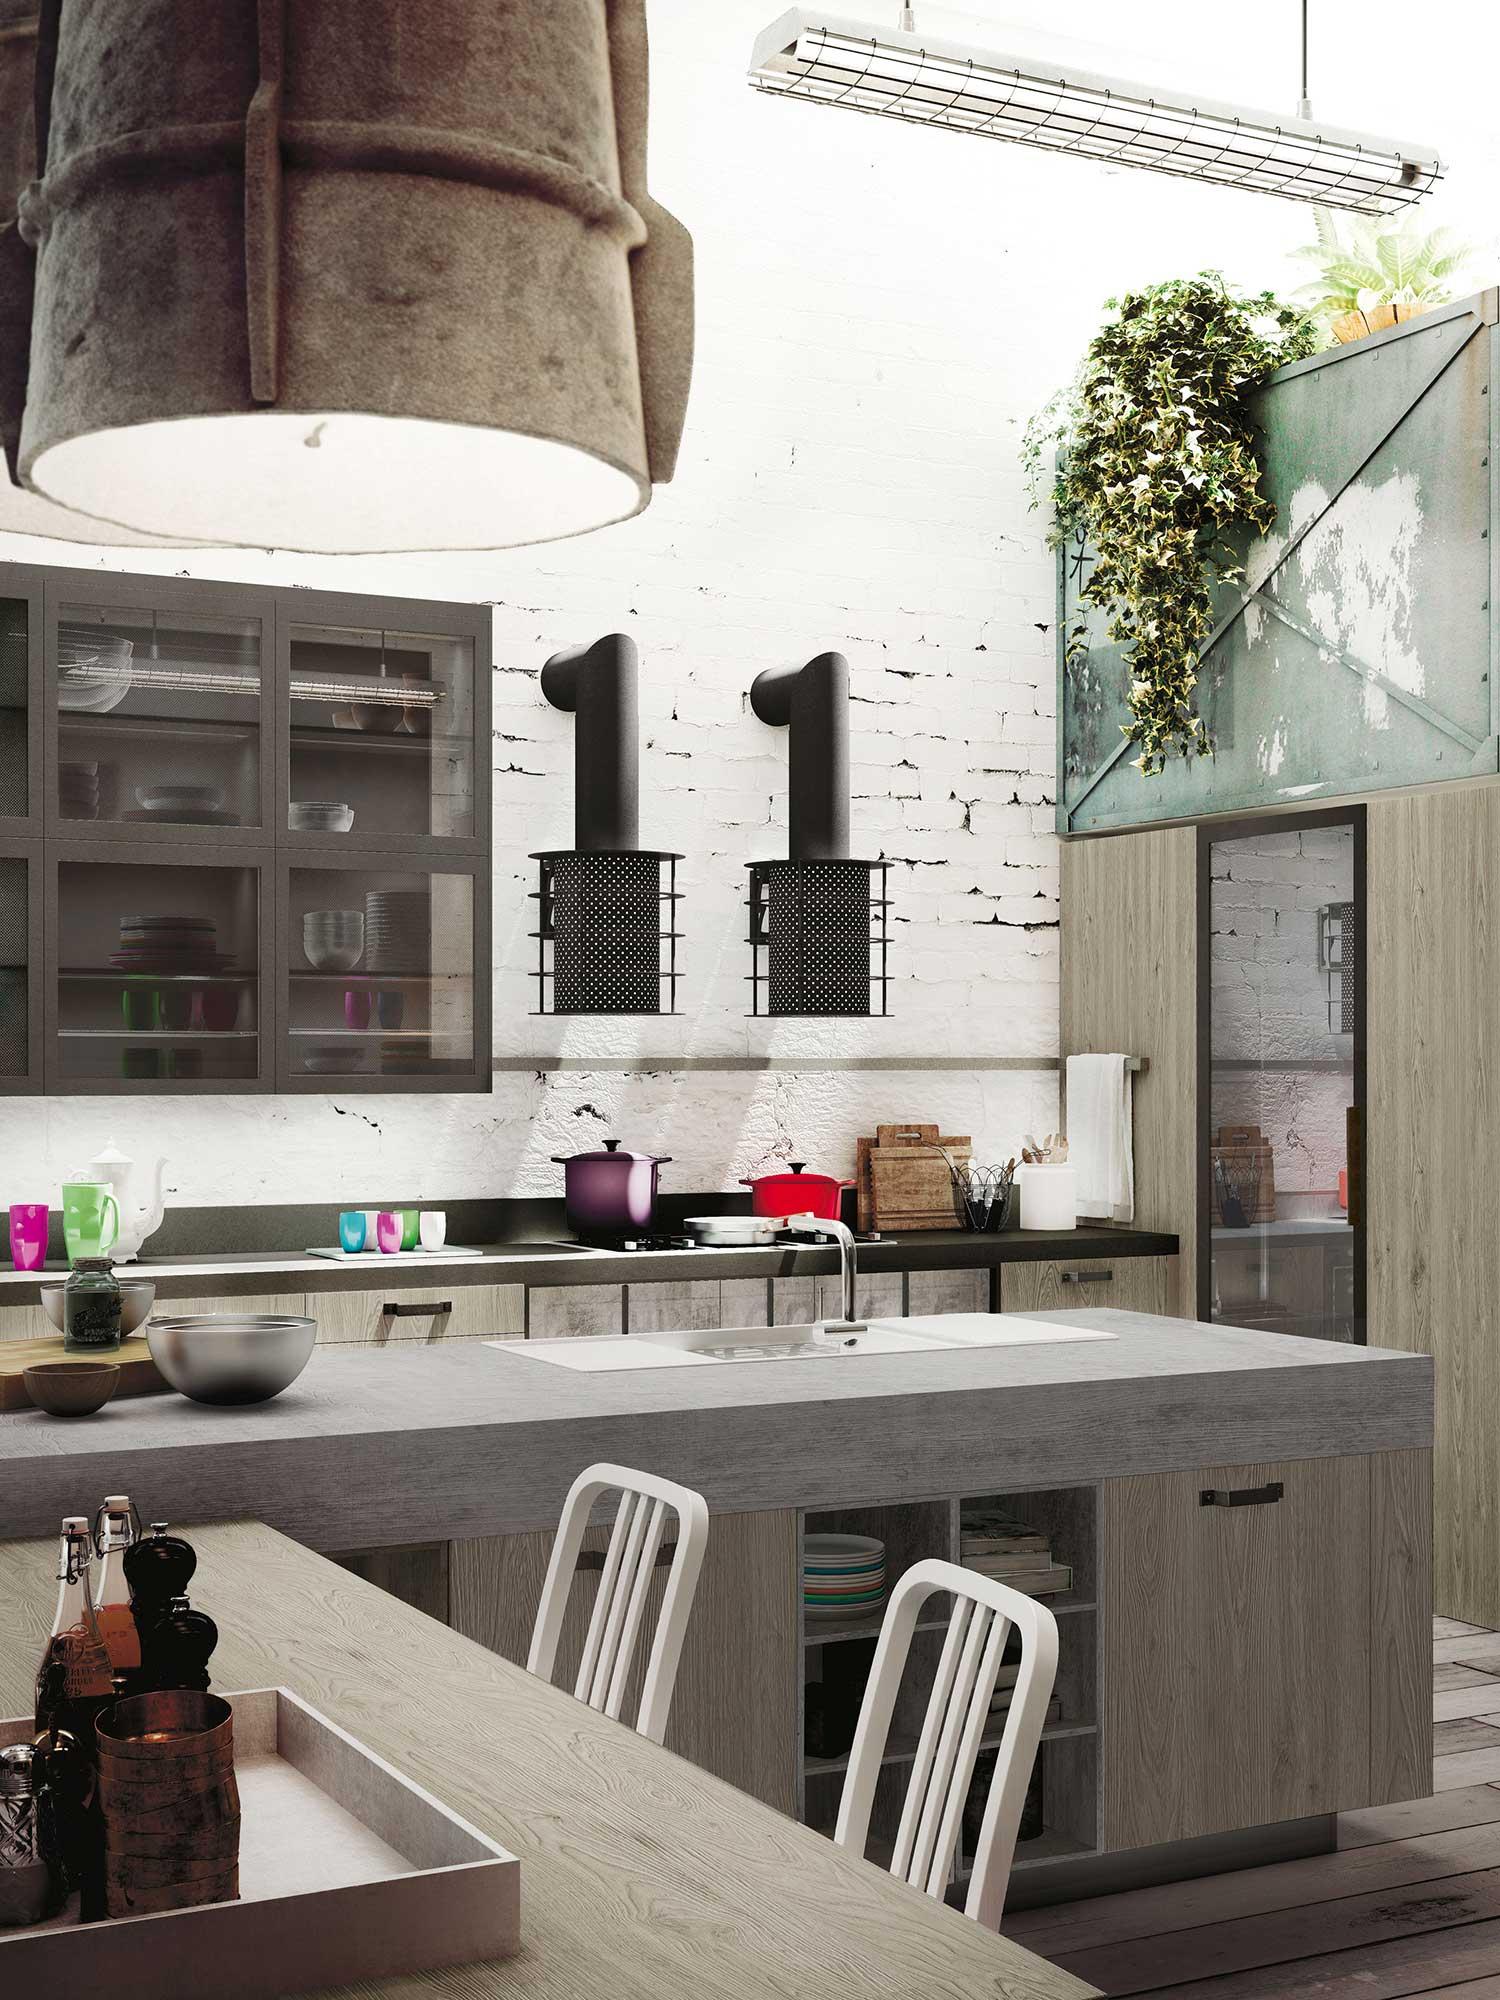 cucine-in-legno-design-loft-snaidero-dettaglio-12